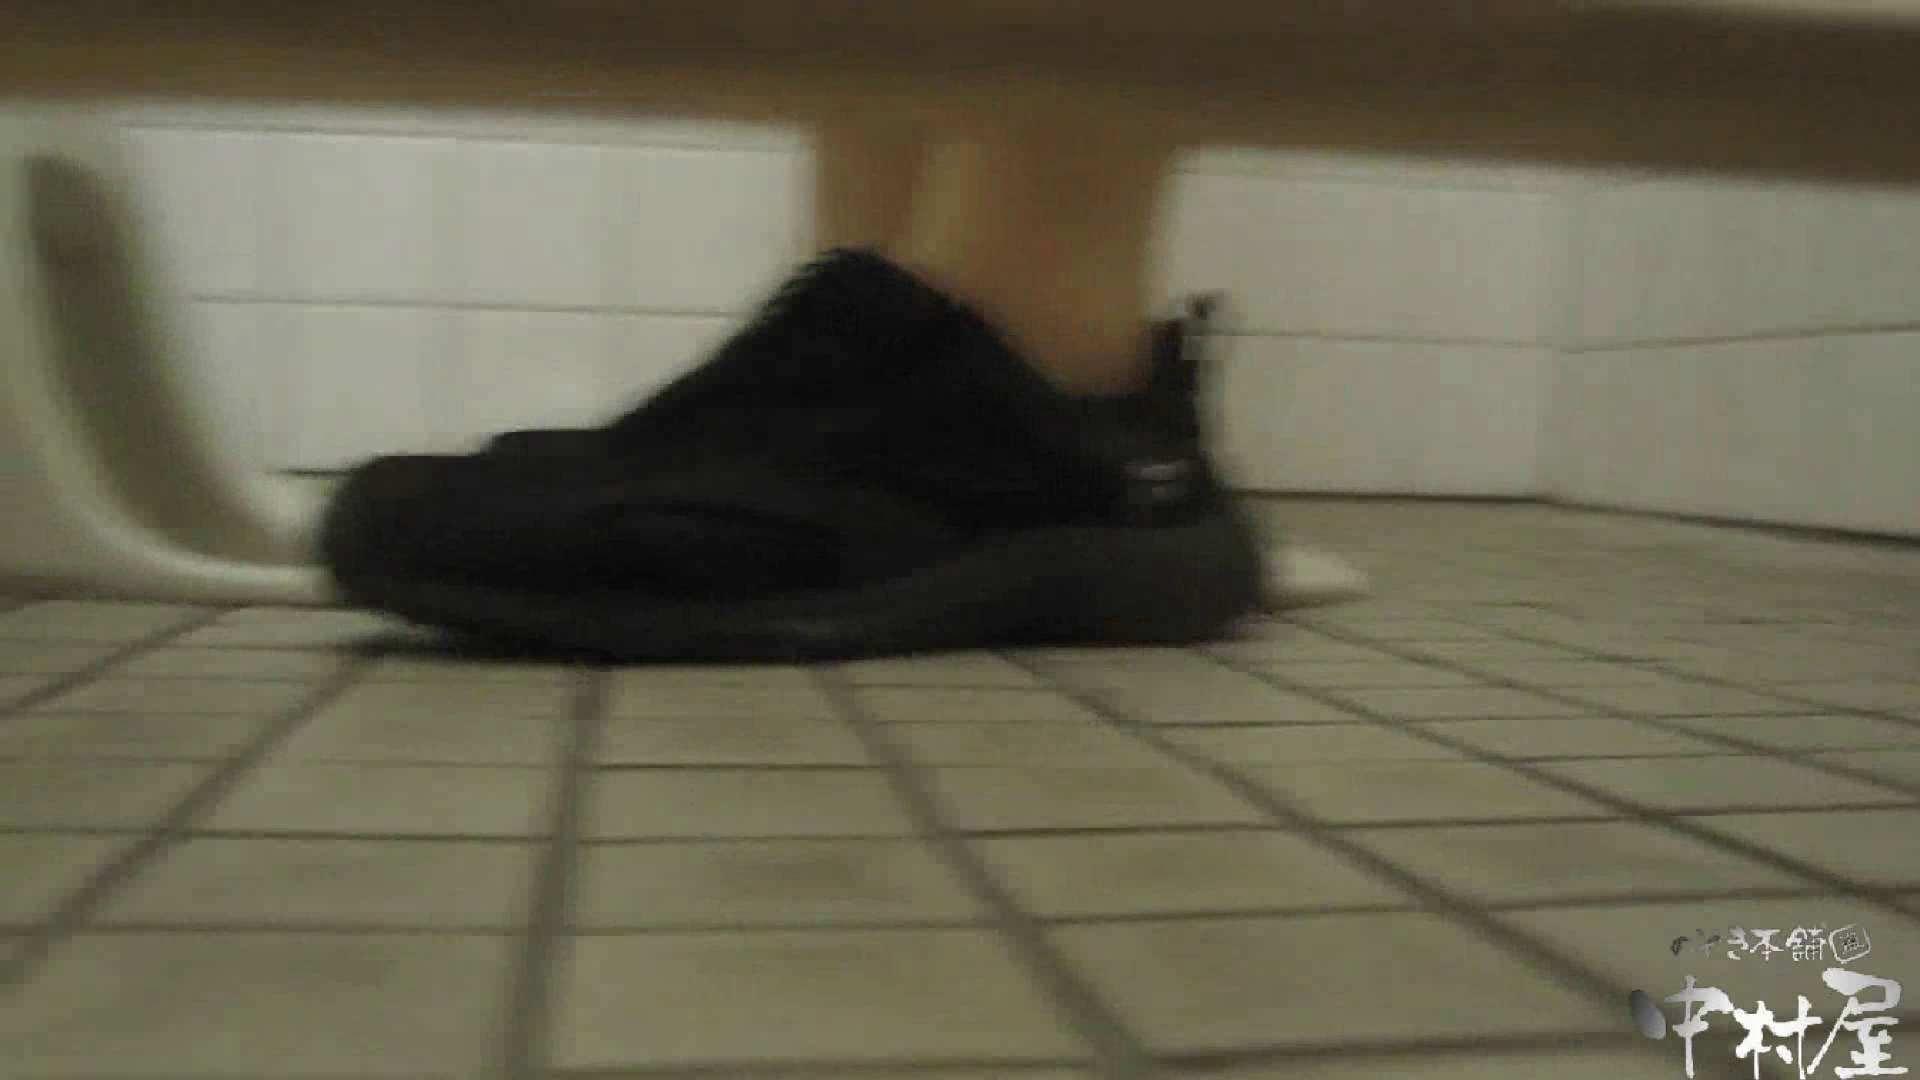 魂のかわや盗撮62連発! 運動靴の女! 37発目! リアル黄金水 | 盗撮  60画像 29